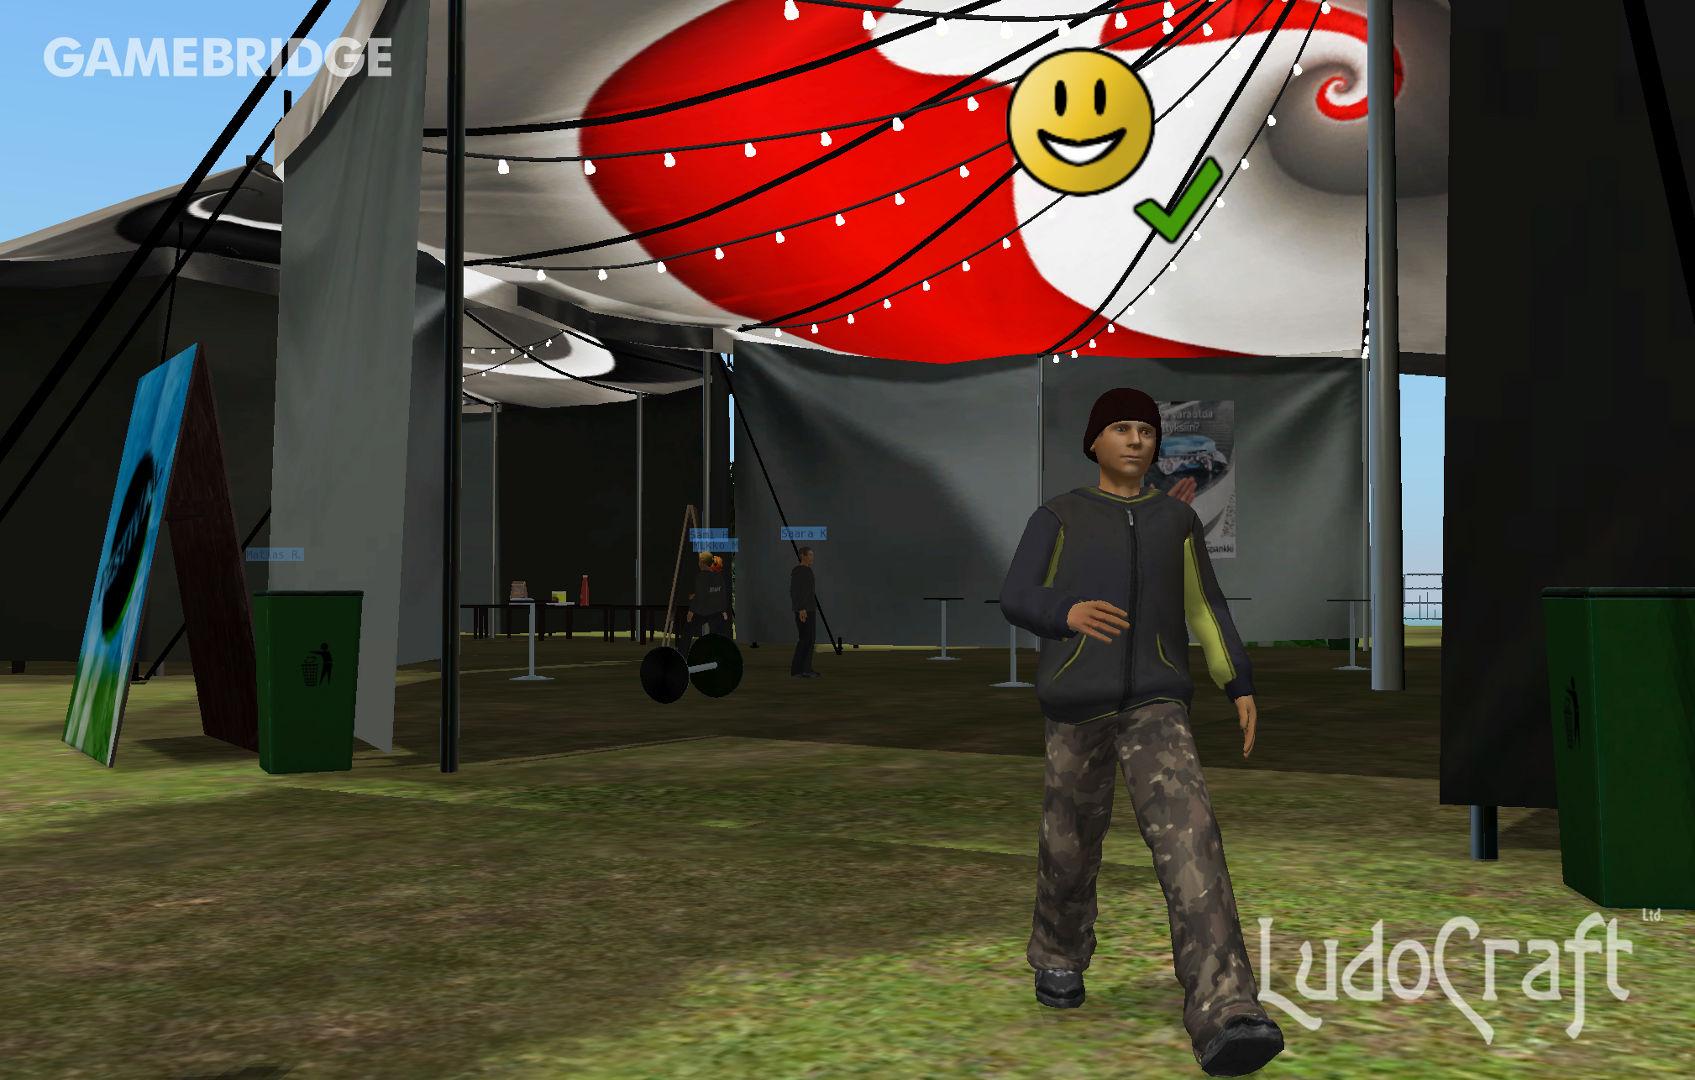 GB_gamebridge_happy_guest_lq